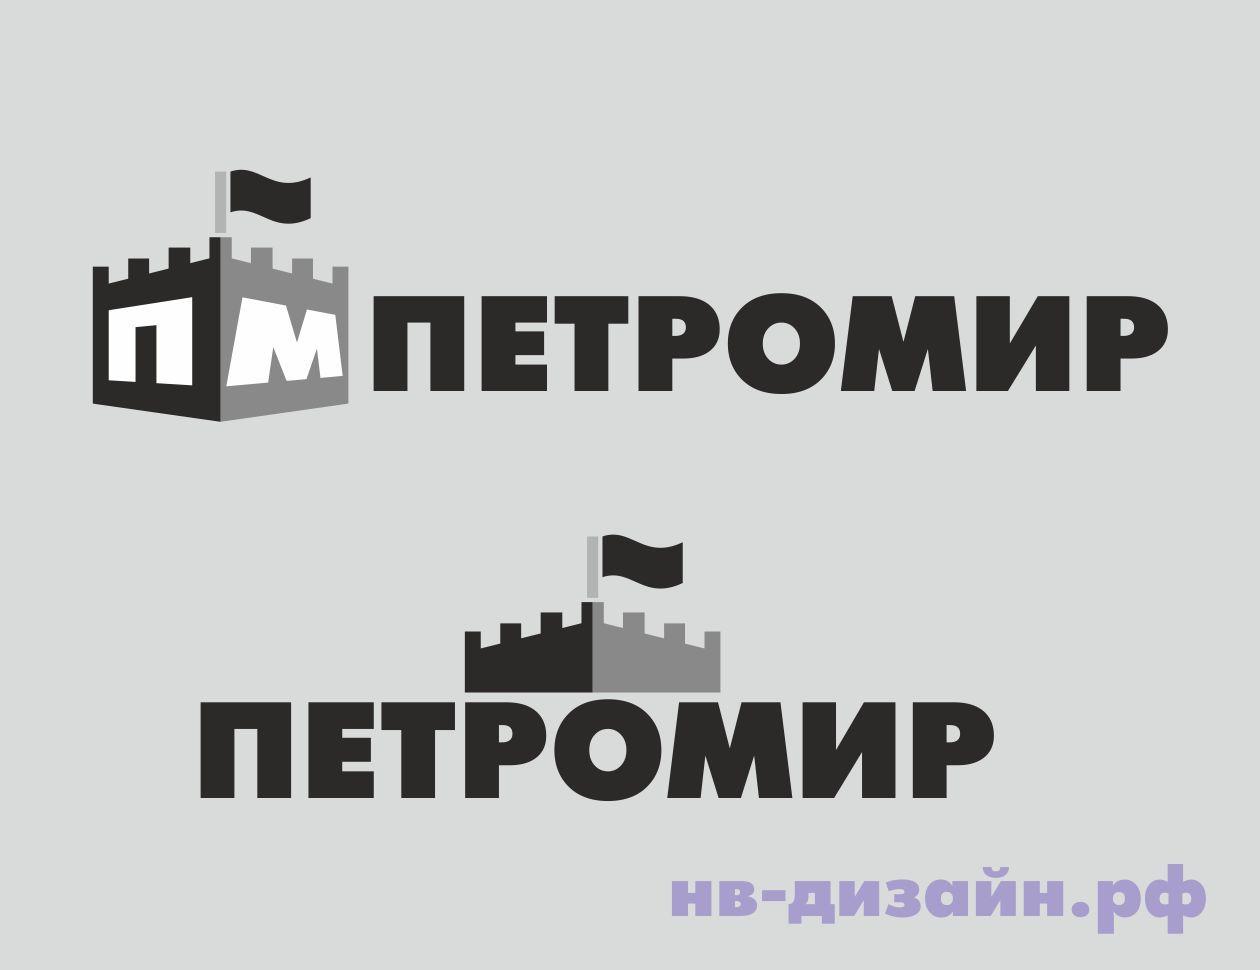 Разработка логотипа - дизайнер nv-dizain